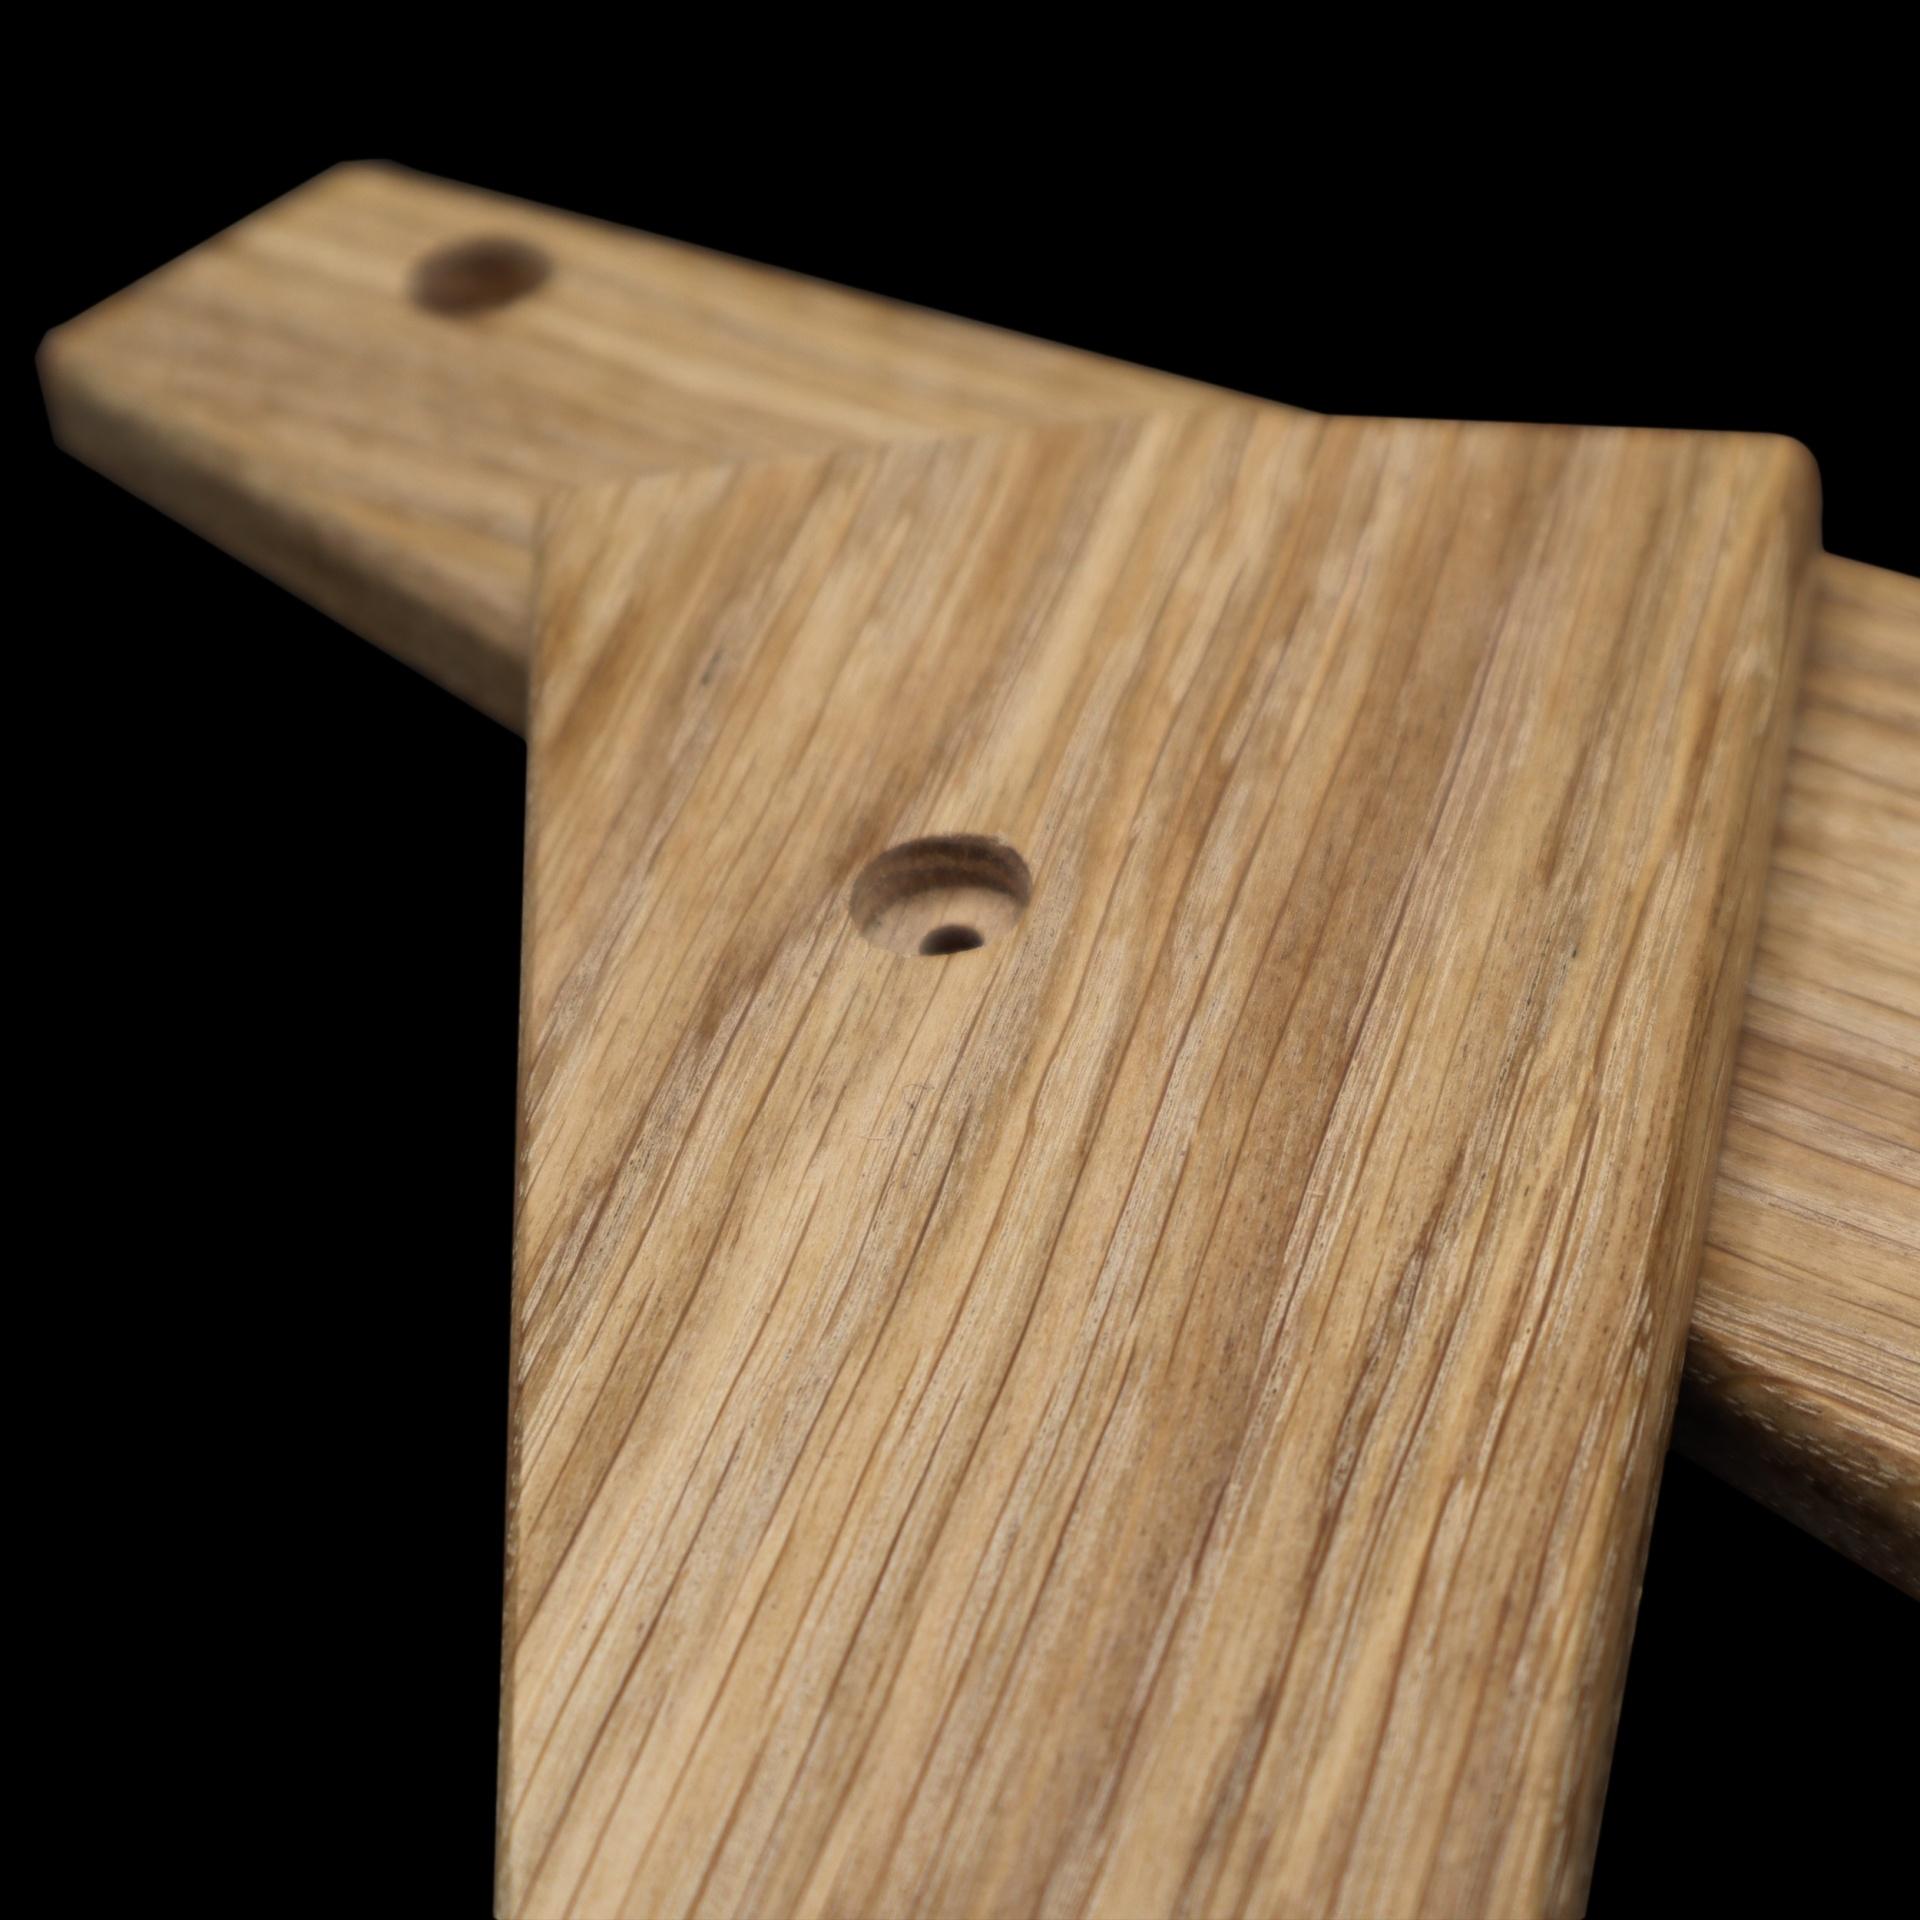 Pyramid wood panels